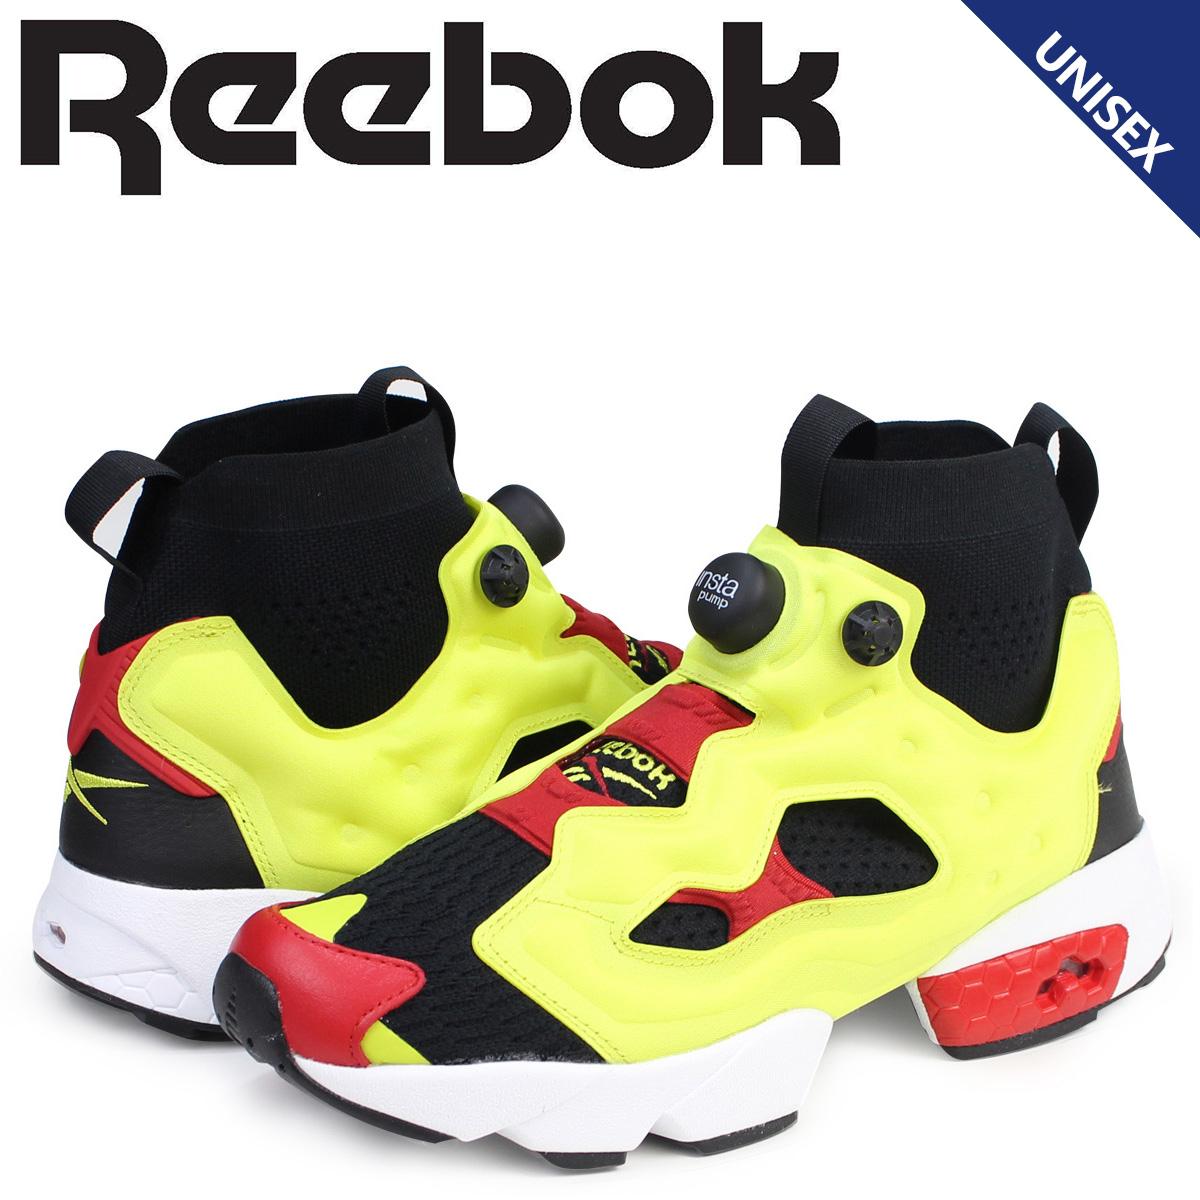 Reebok ポンプフューリー スニーカー リーボック INSTAPUMP FURY OG ULTK BS6367 メンズ レディース 靴 ブラック 黒